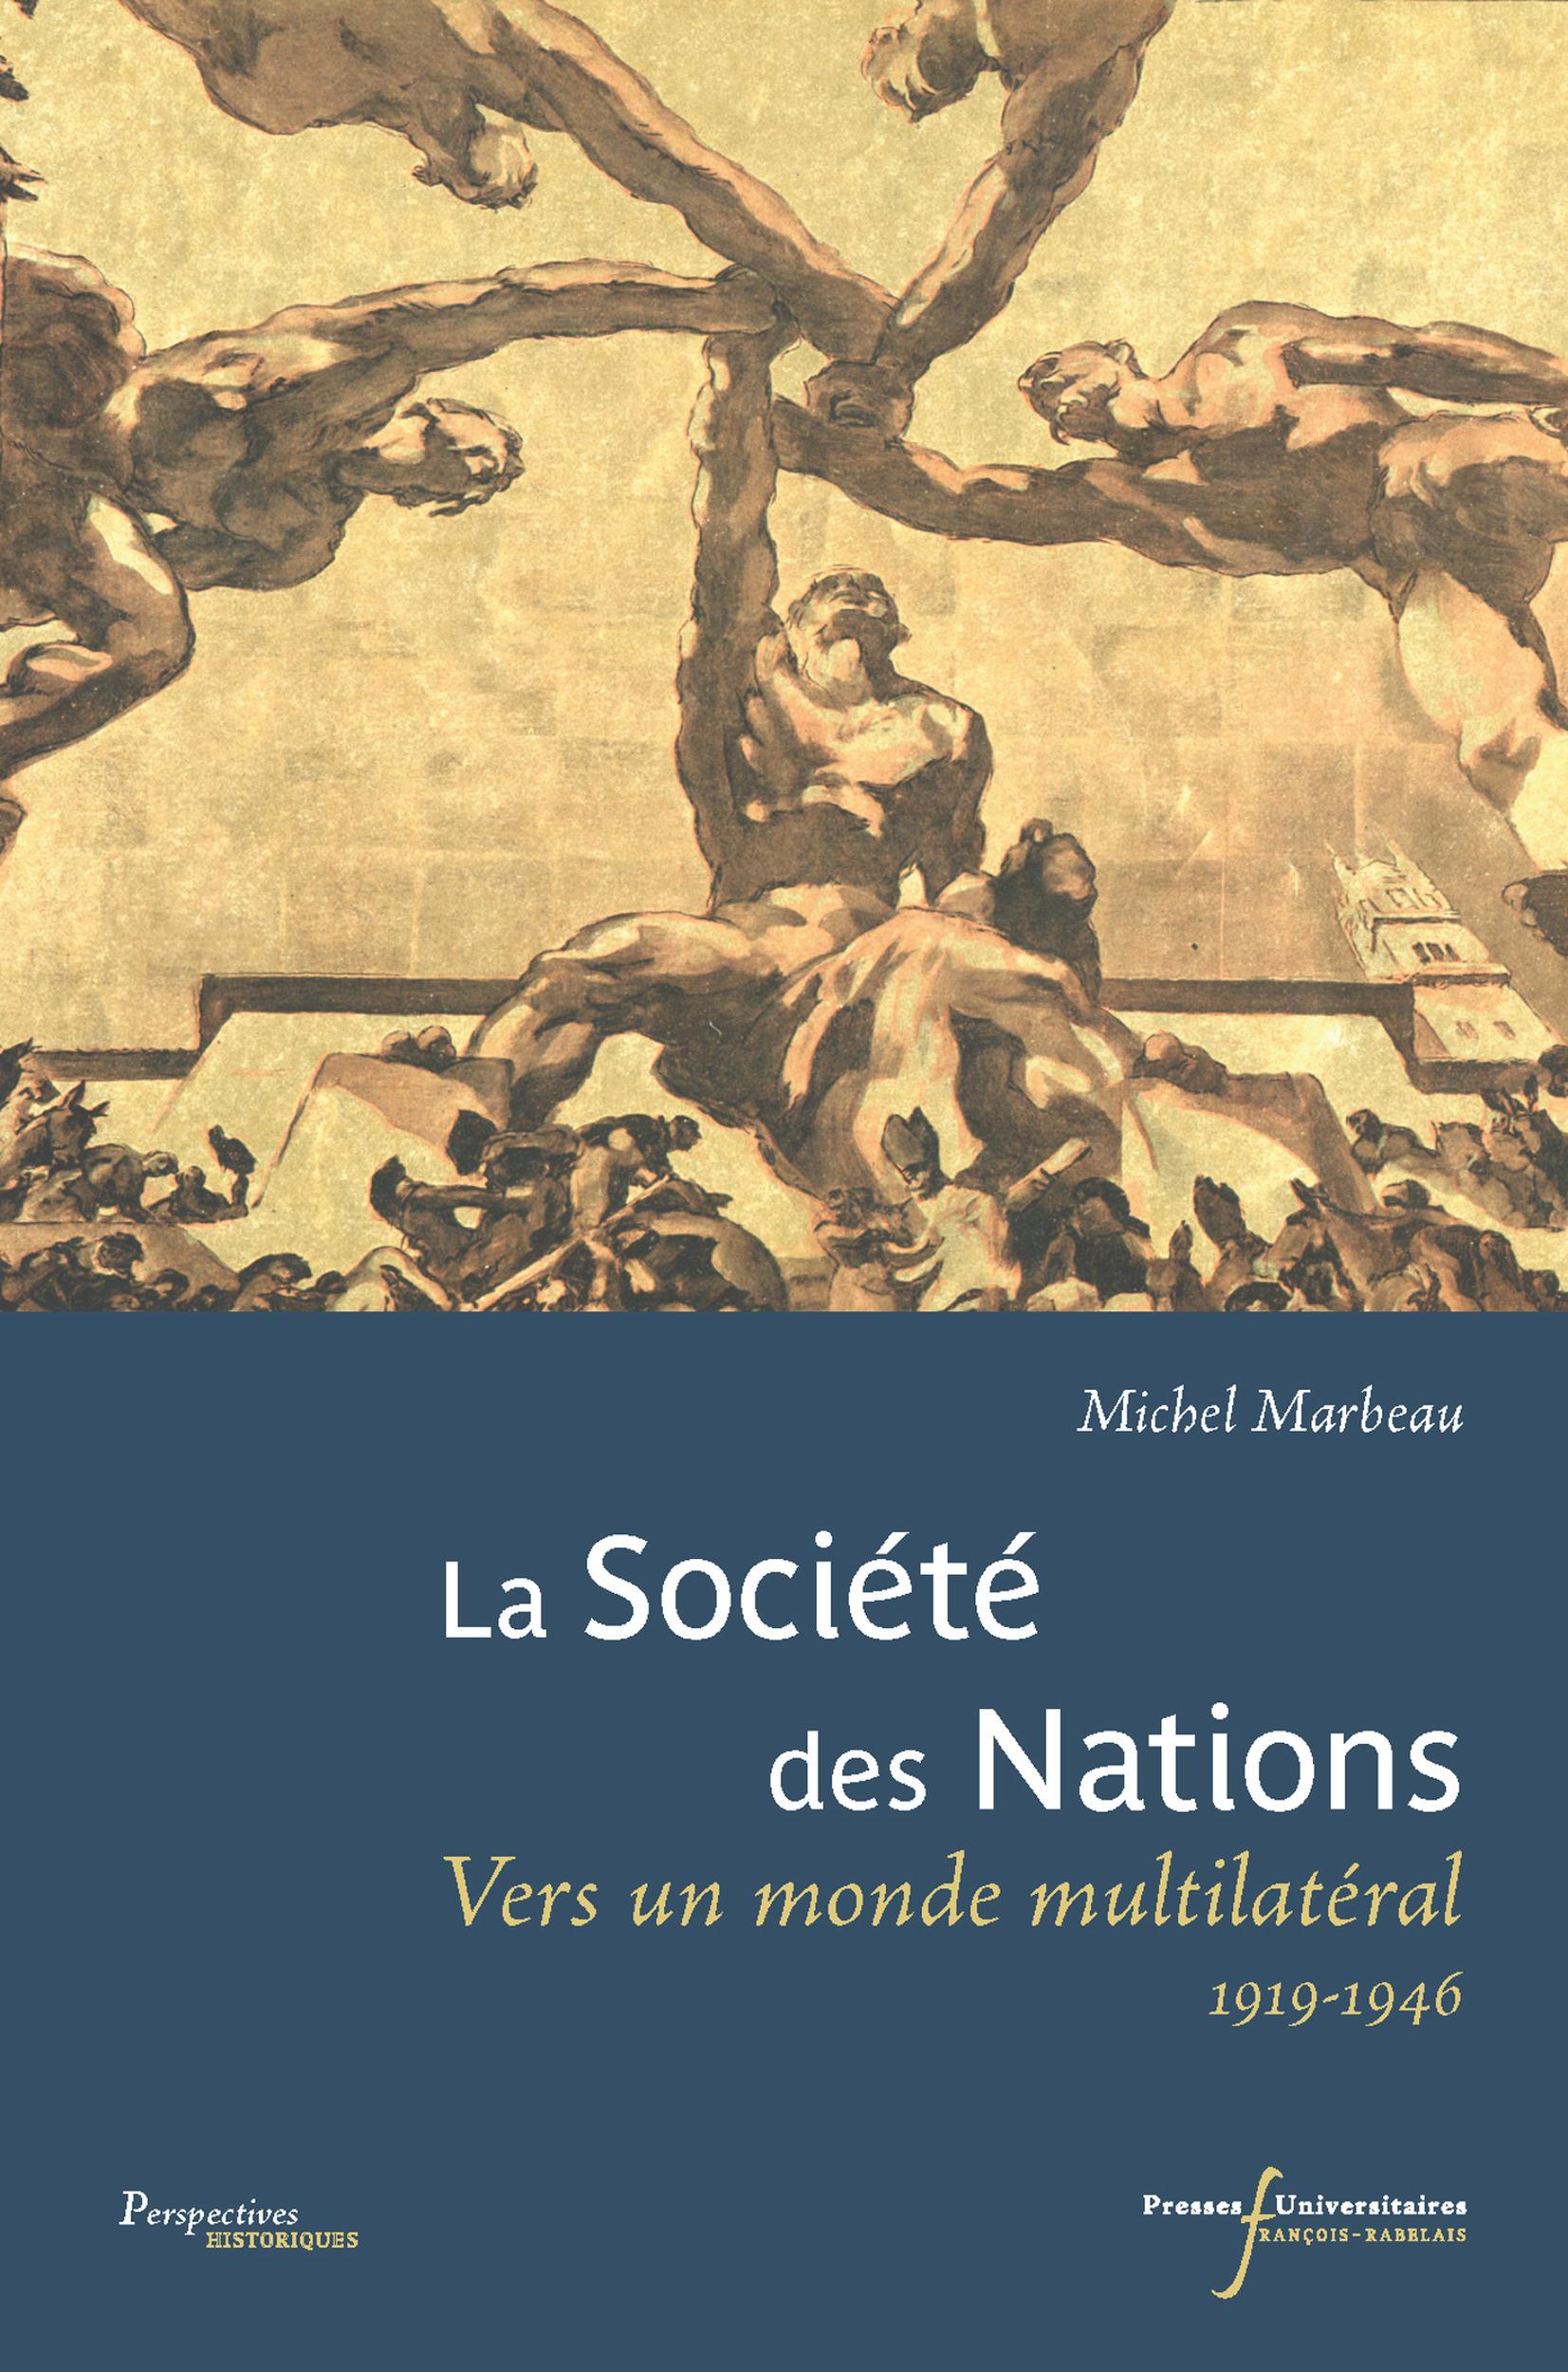 La Société des Nations ; vers un monde multilatéral, 1919-1946